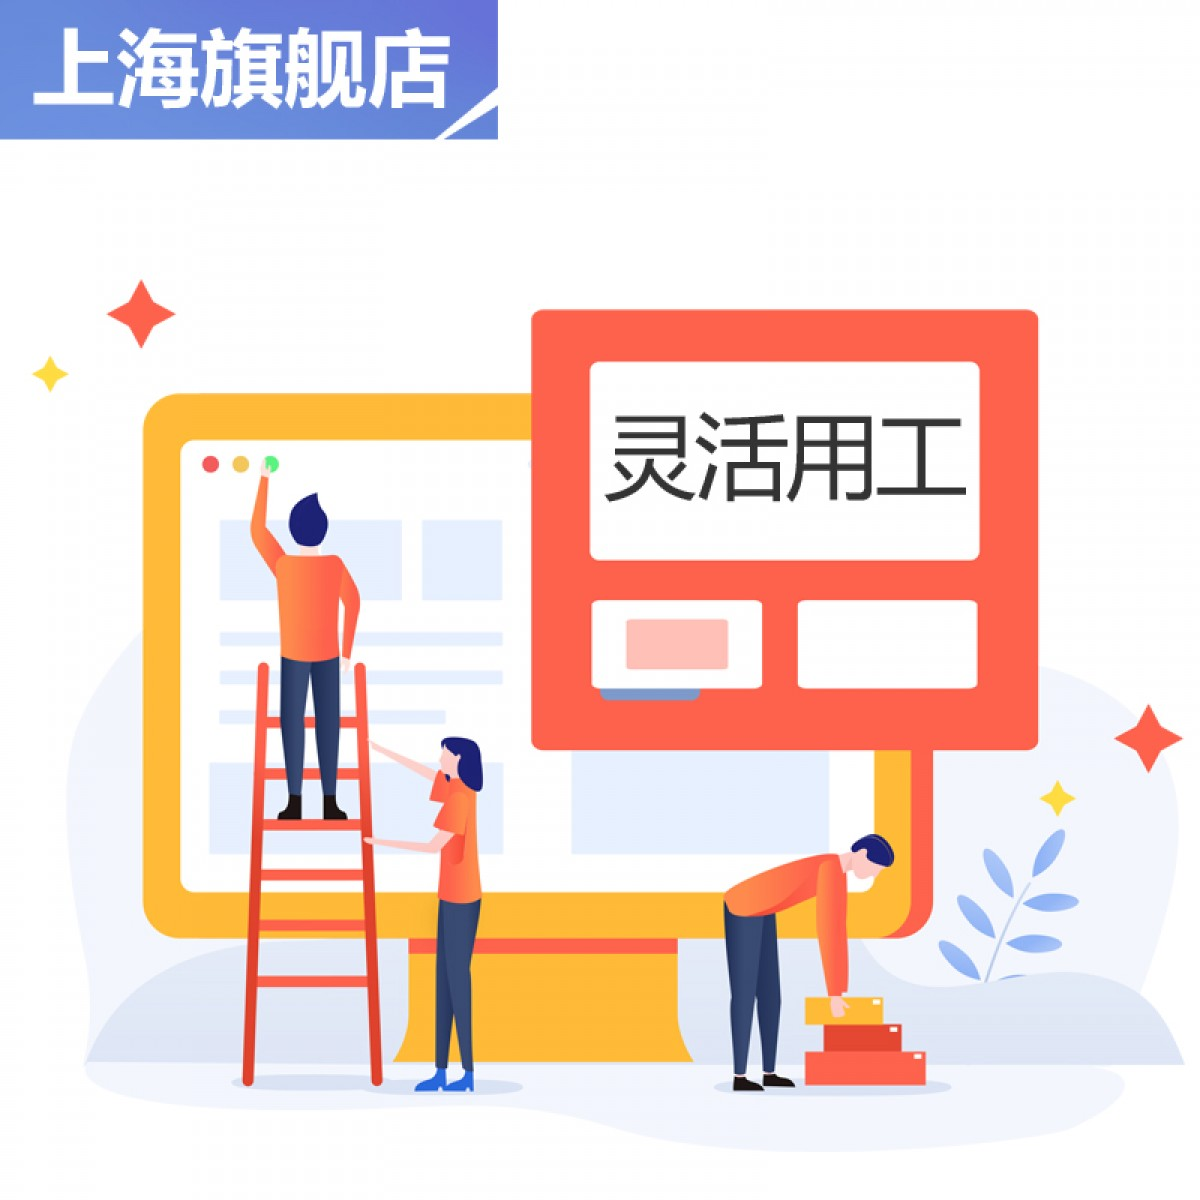 税收筹划  灵活用工外包服务 人力资源外包 劳务外包 公司宝上海旗舰店